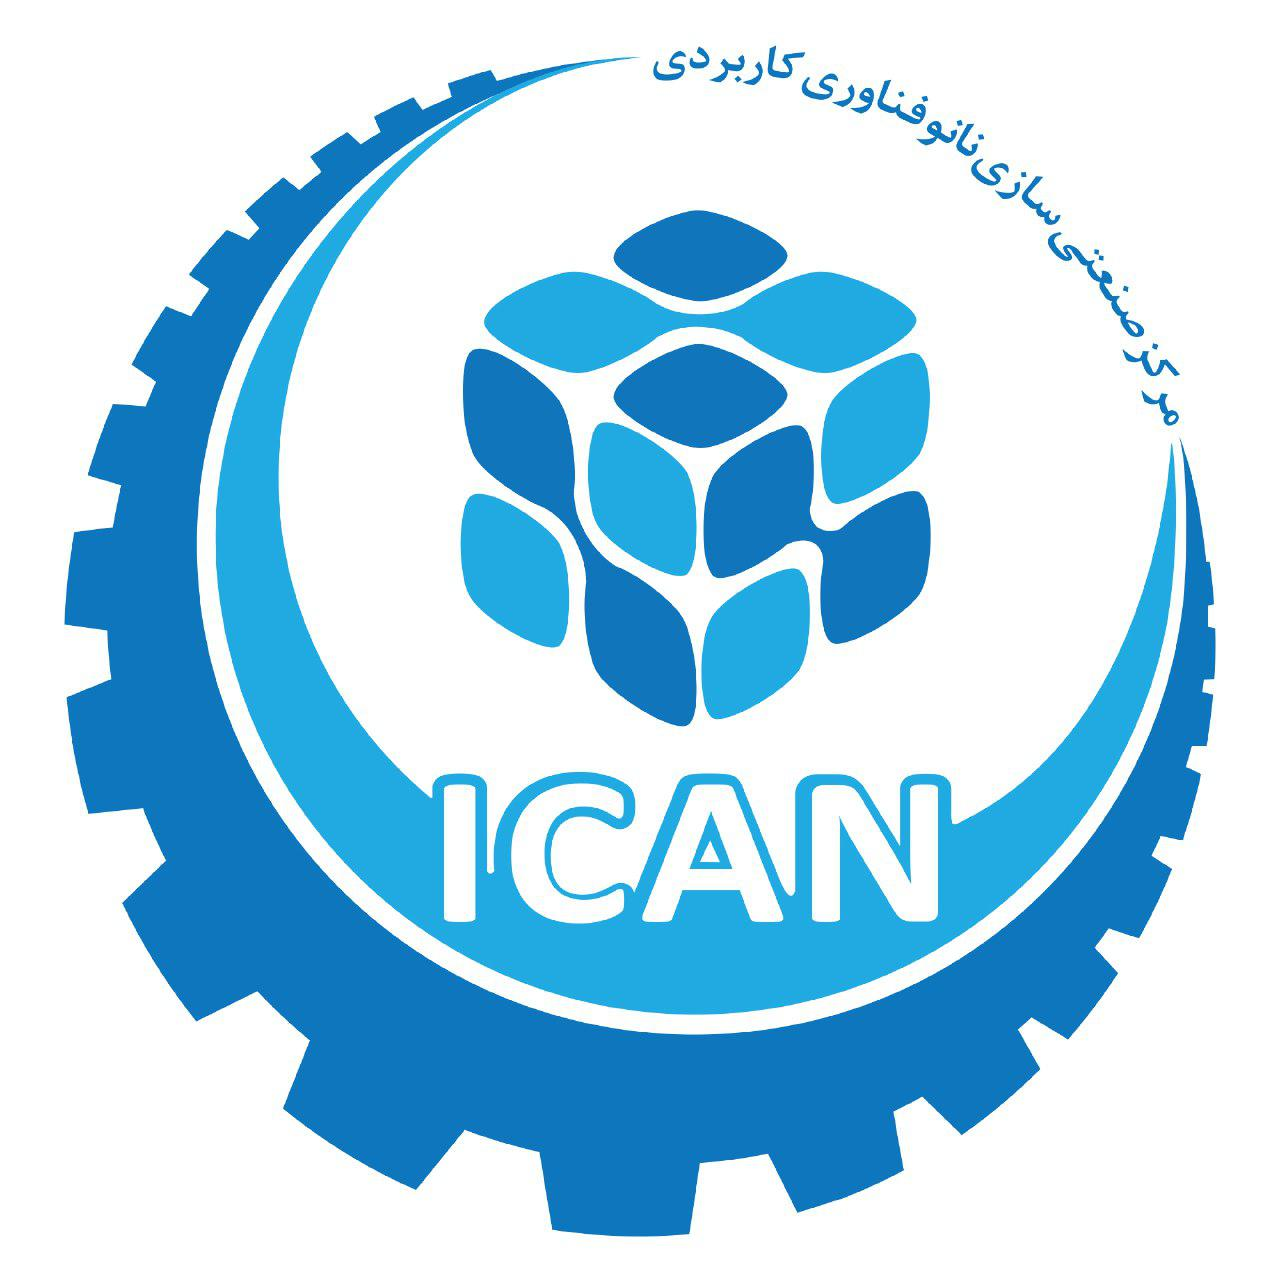 مرکز صنعتی سازی نانوفناوری کاربردی (آیکن - ICAN)